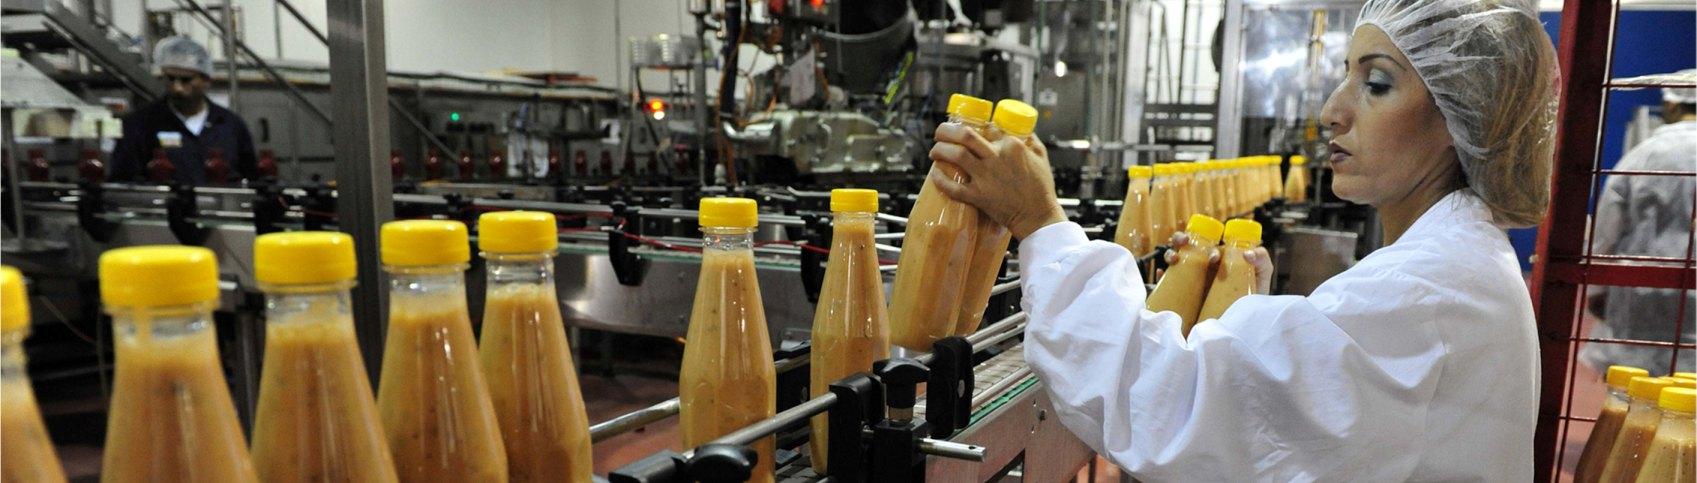 Διαχείριση Κρίσεων στη Βιομηχανία Τροφίμων